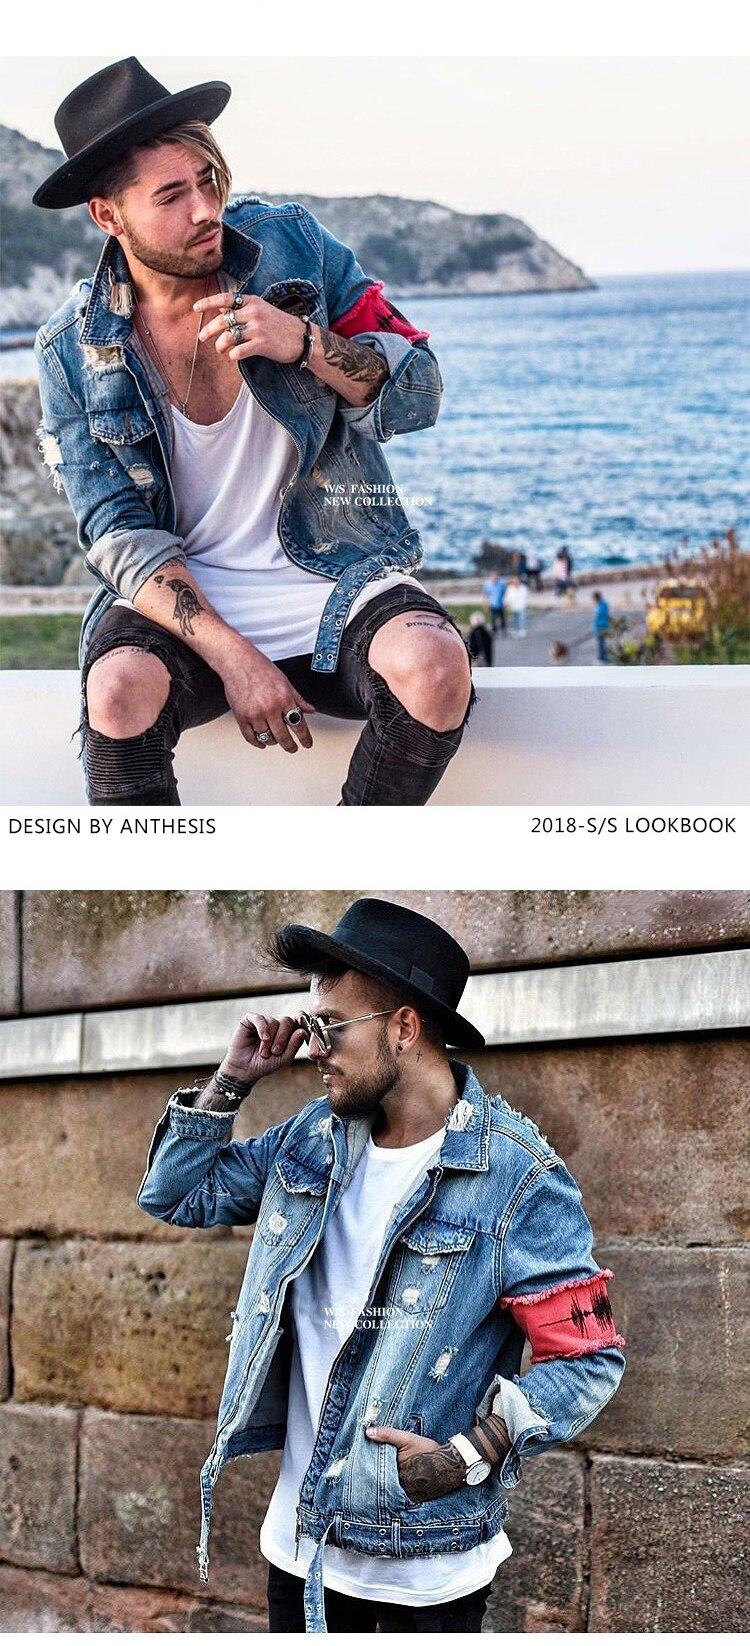 H555341615d674711af0d6455305e3cd1f Men's Jean Jackets Streetwear Hip Hop Bomber Jacket Denim Jacket Men Brand Ripped Denim Jackets Casual Fashion Coat